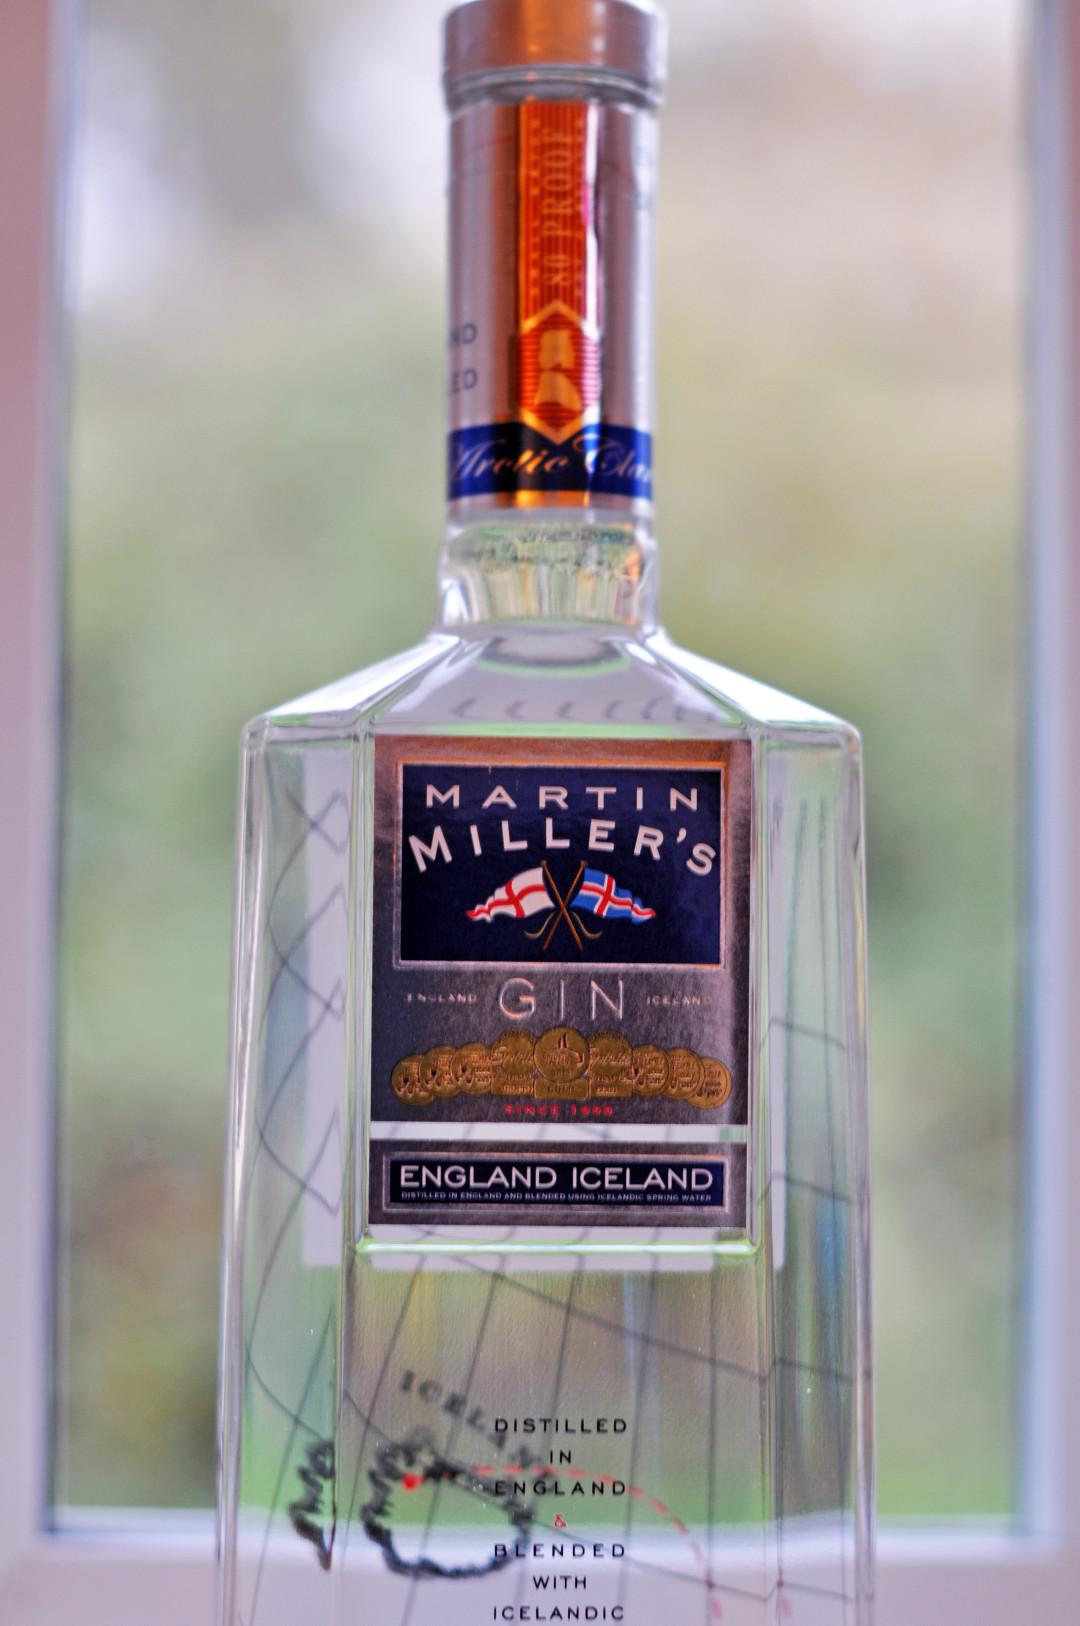 Martin Miller's Gin bottle